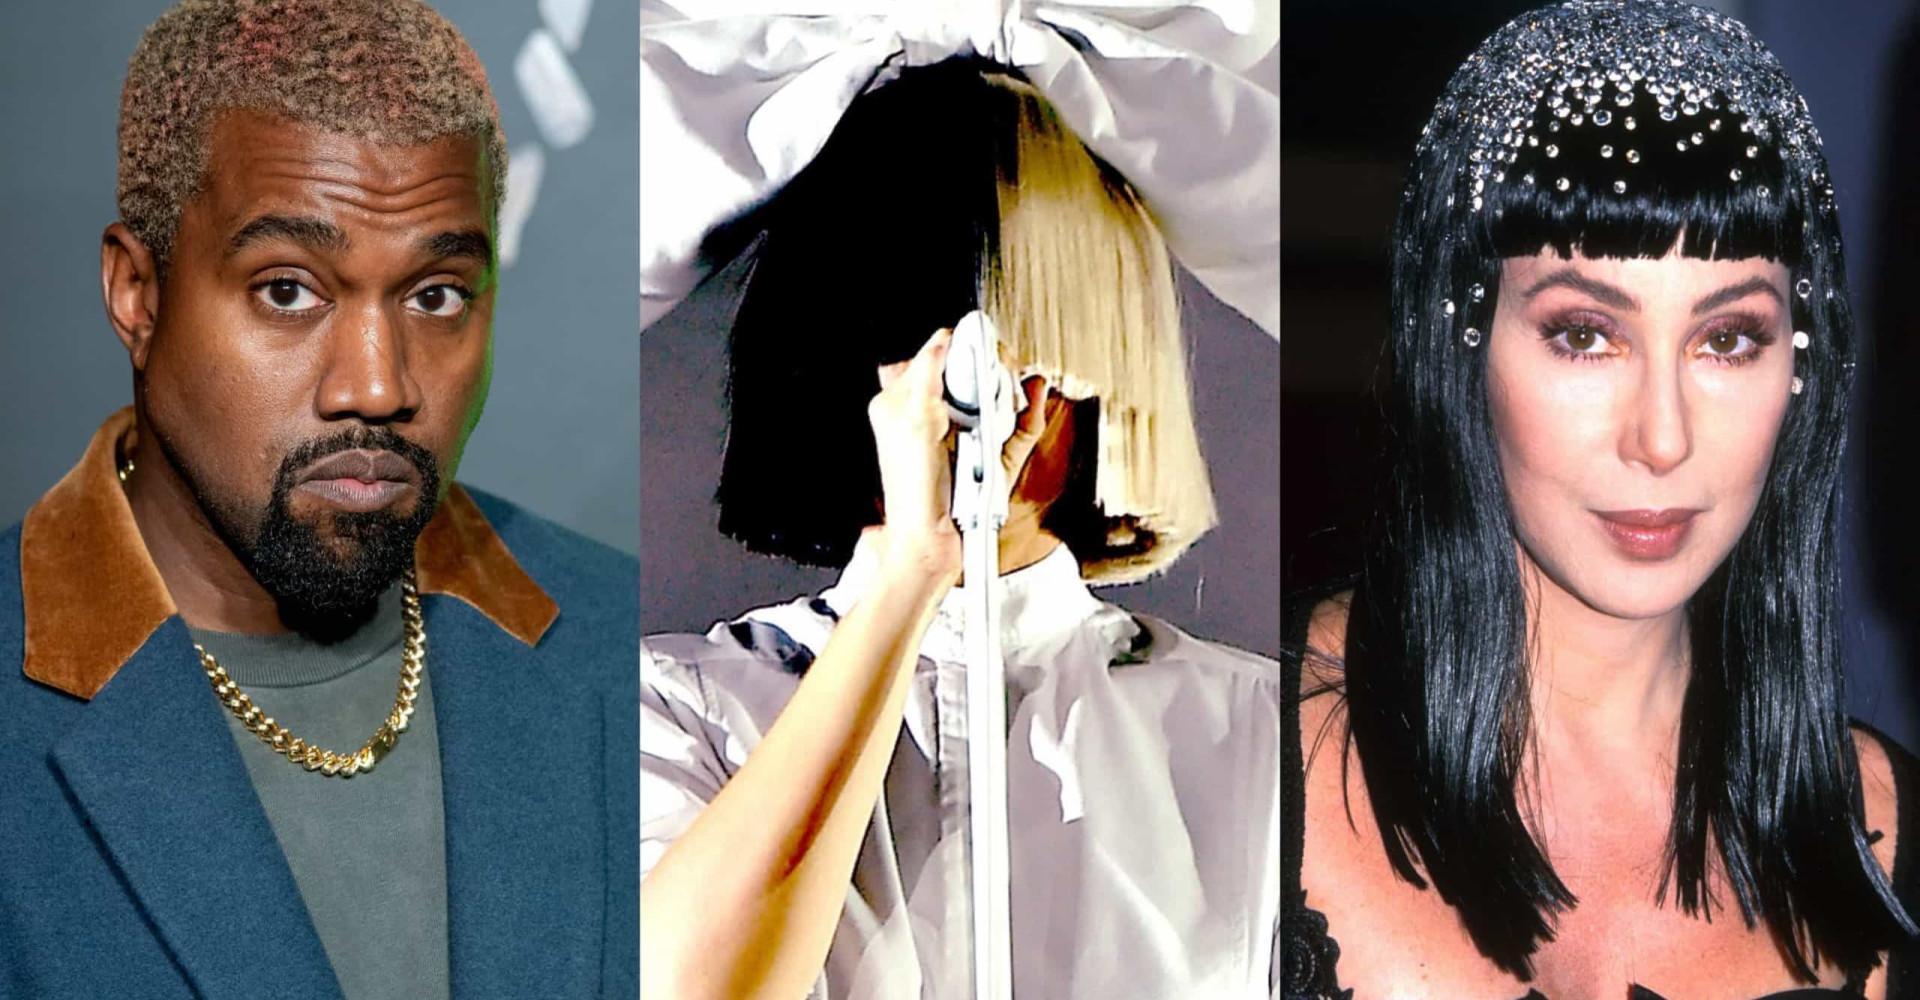 Maladies rares: ces célébrités en souffrent